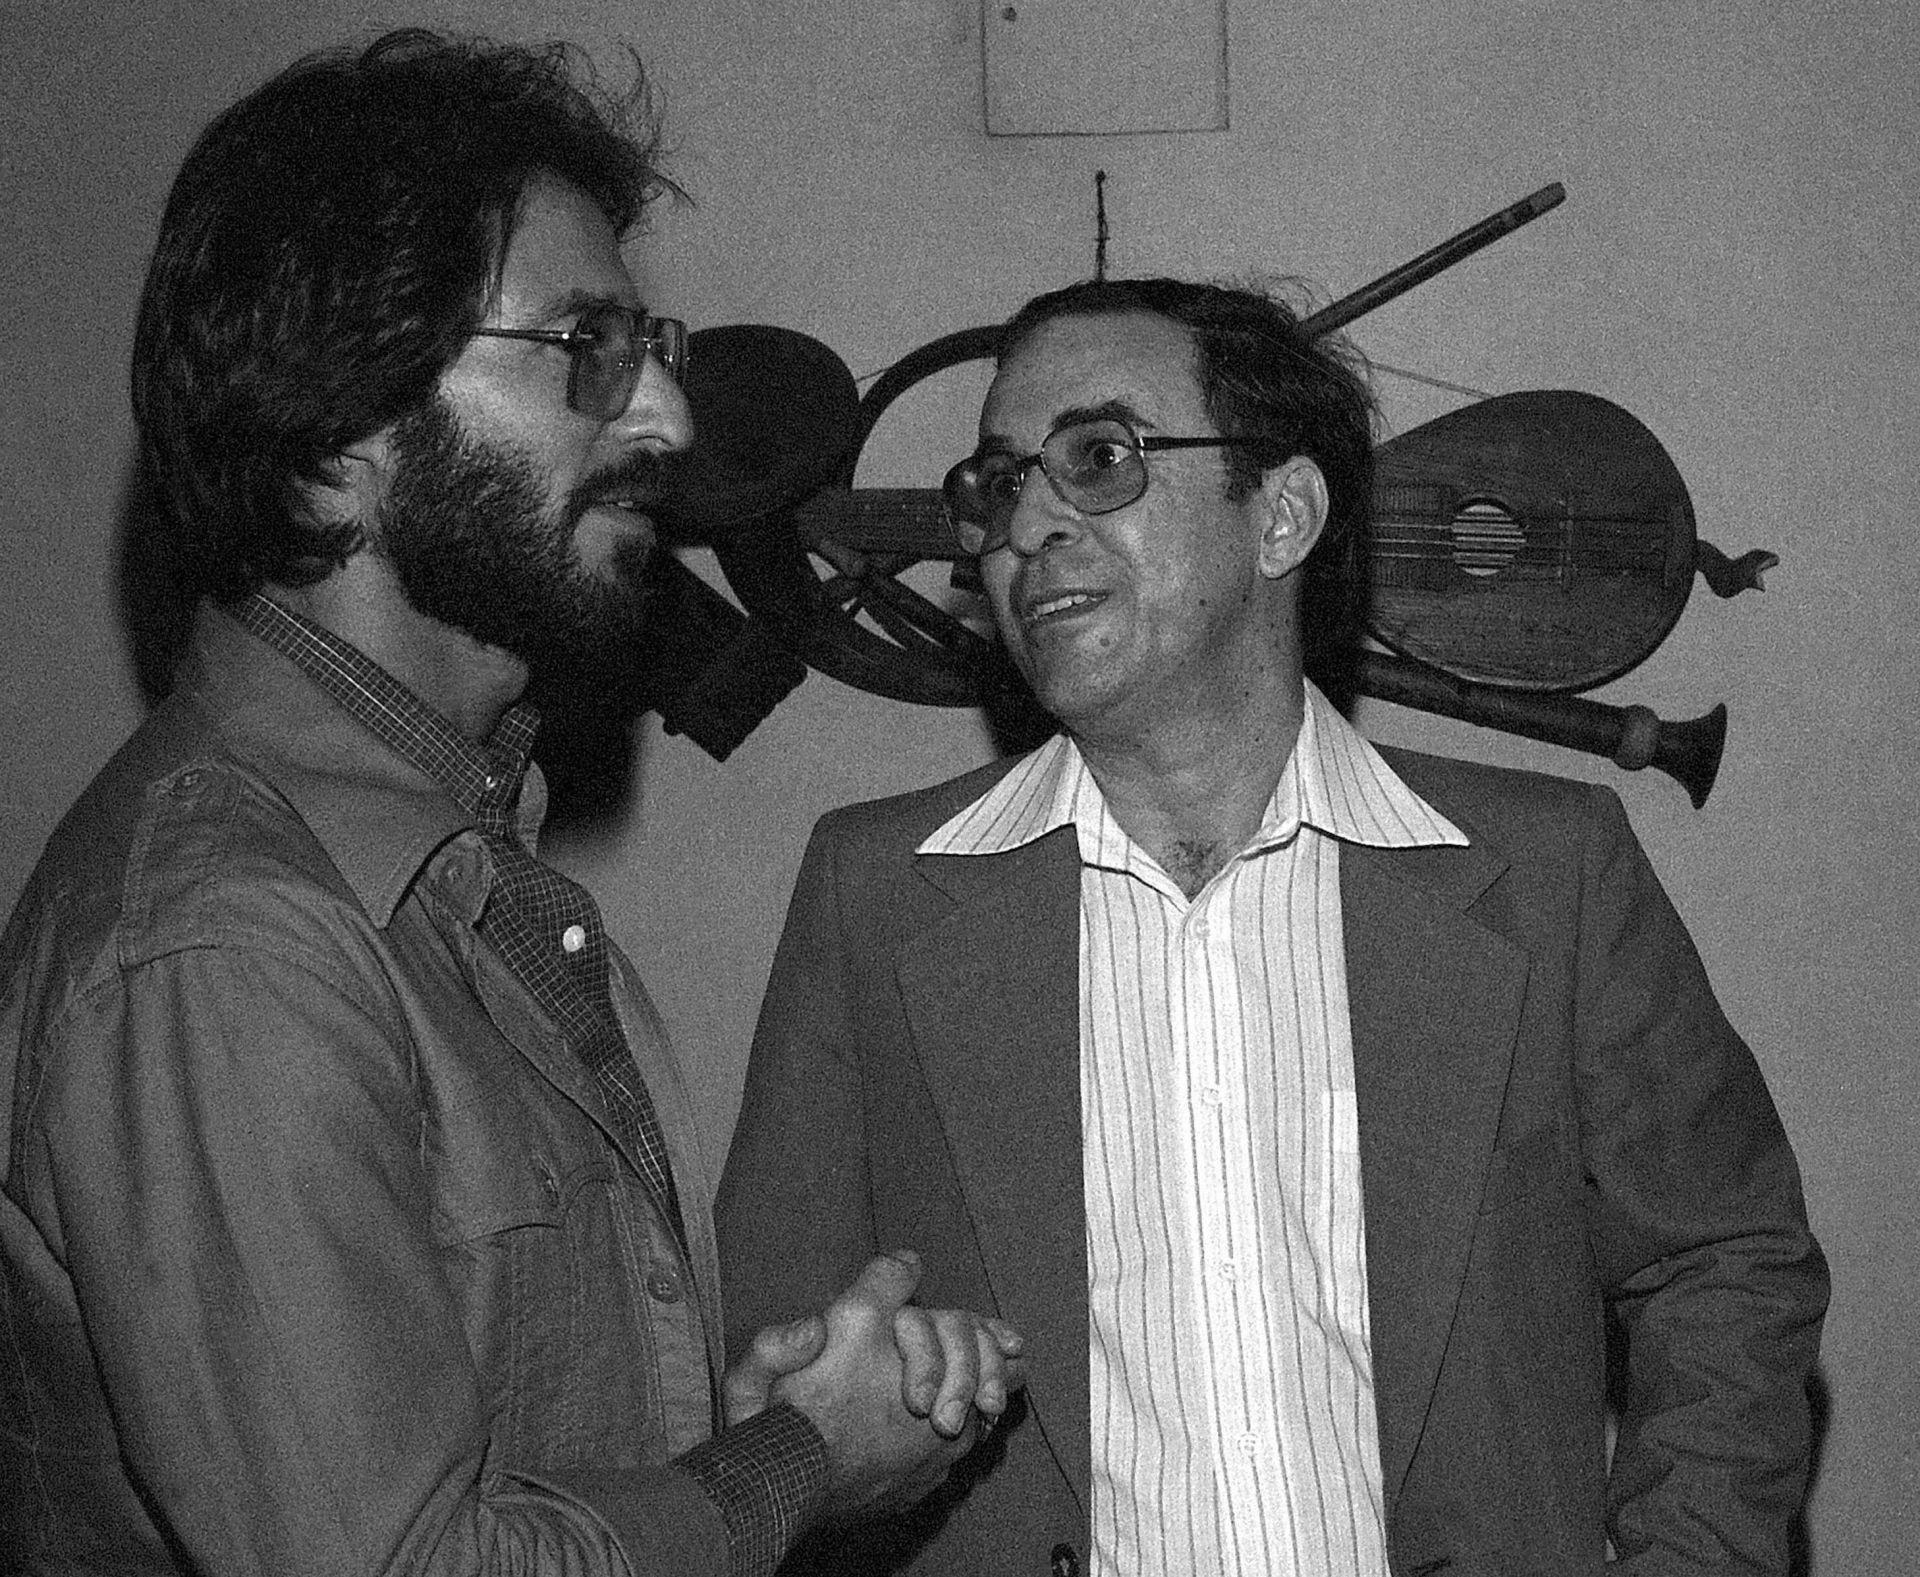 През 1978 година - на джазфест в Ню Йорк